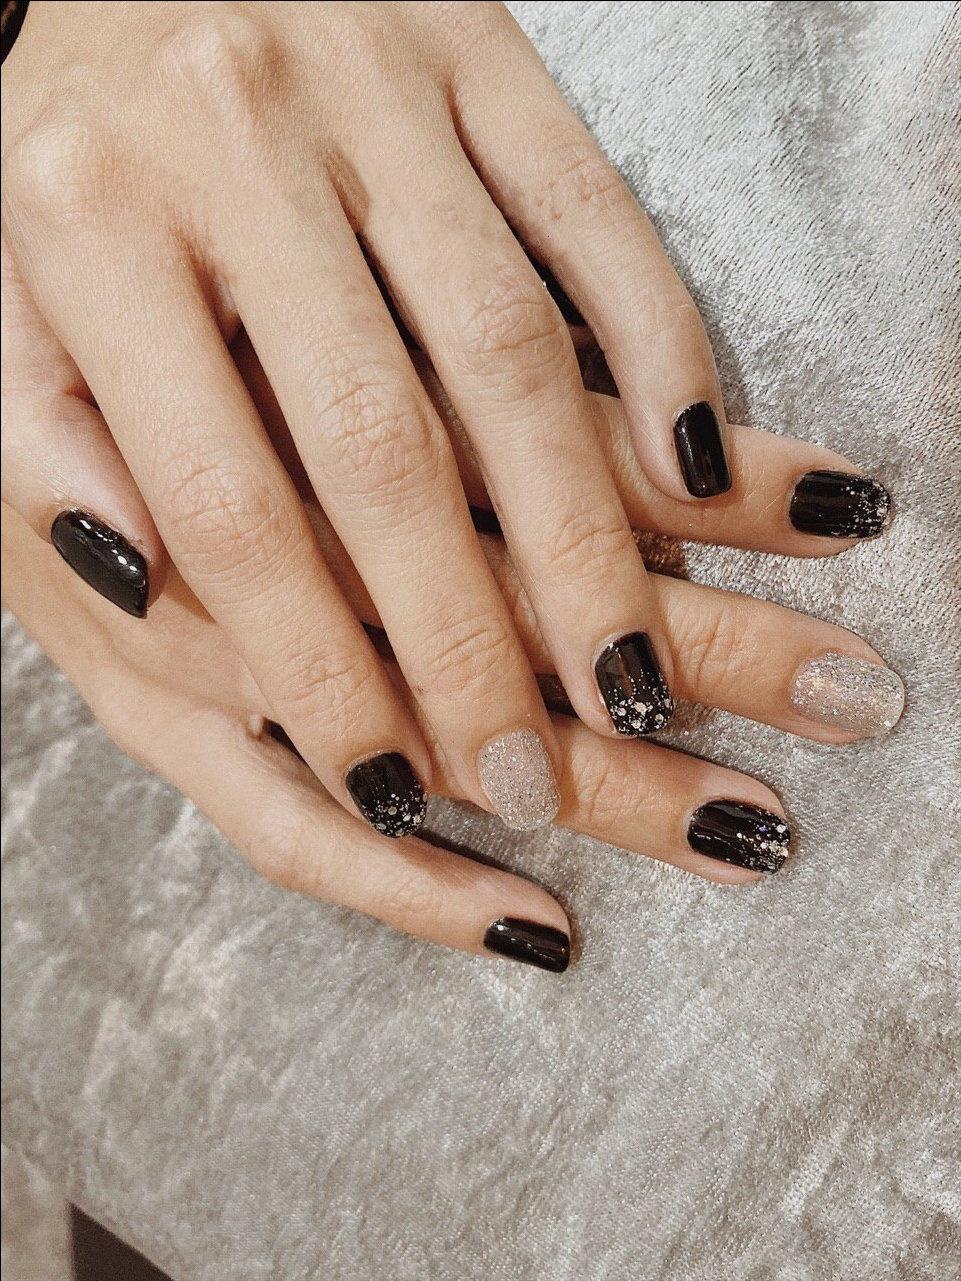 Manicure & Pedicure 8